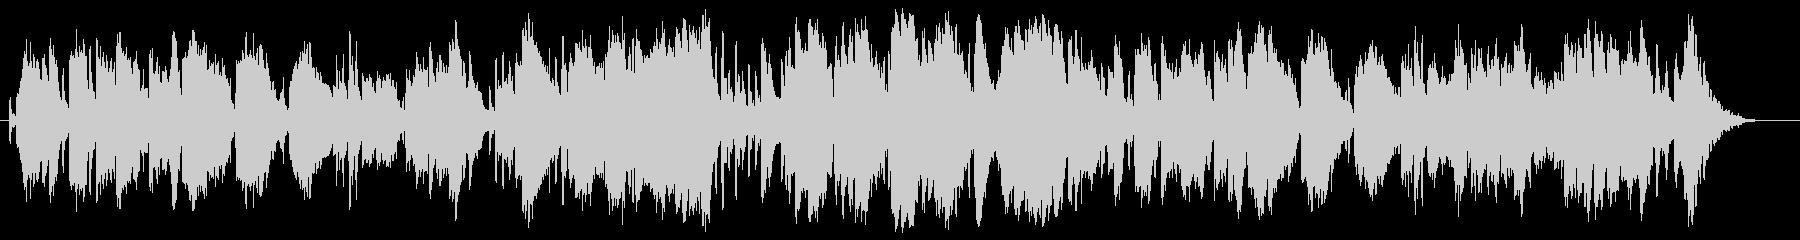 ソプラノサックスによるバッハ風BGMの未再生の波形